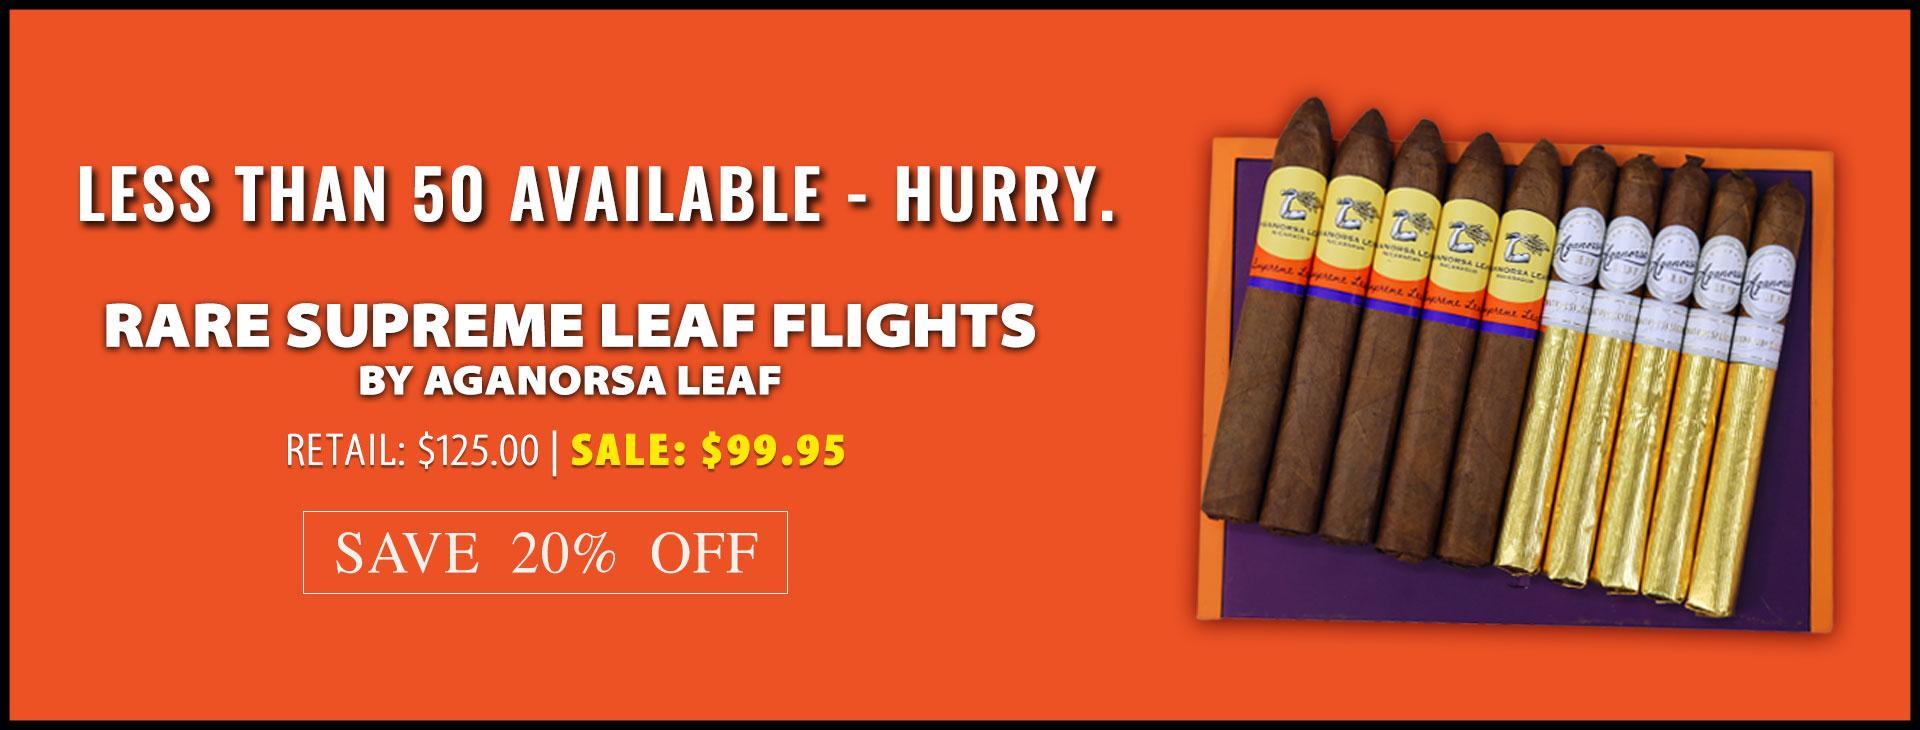 supreme-leaf-flight-2021-banner.jpg